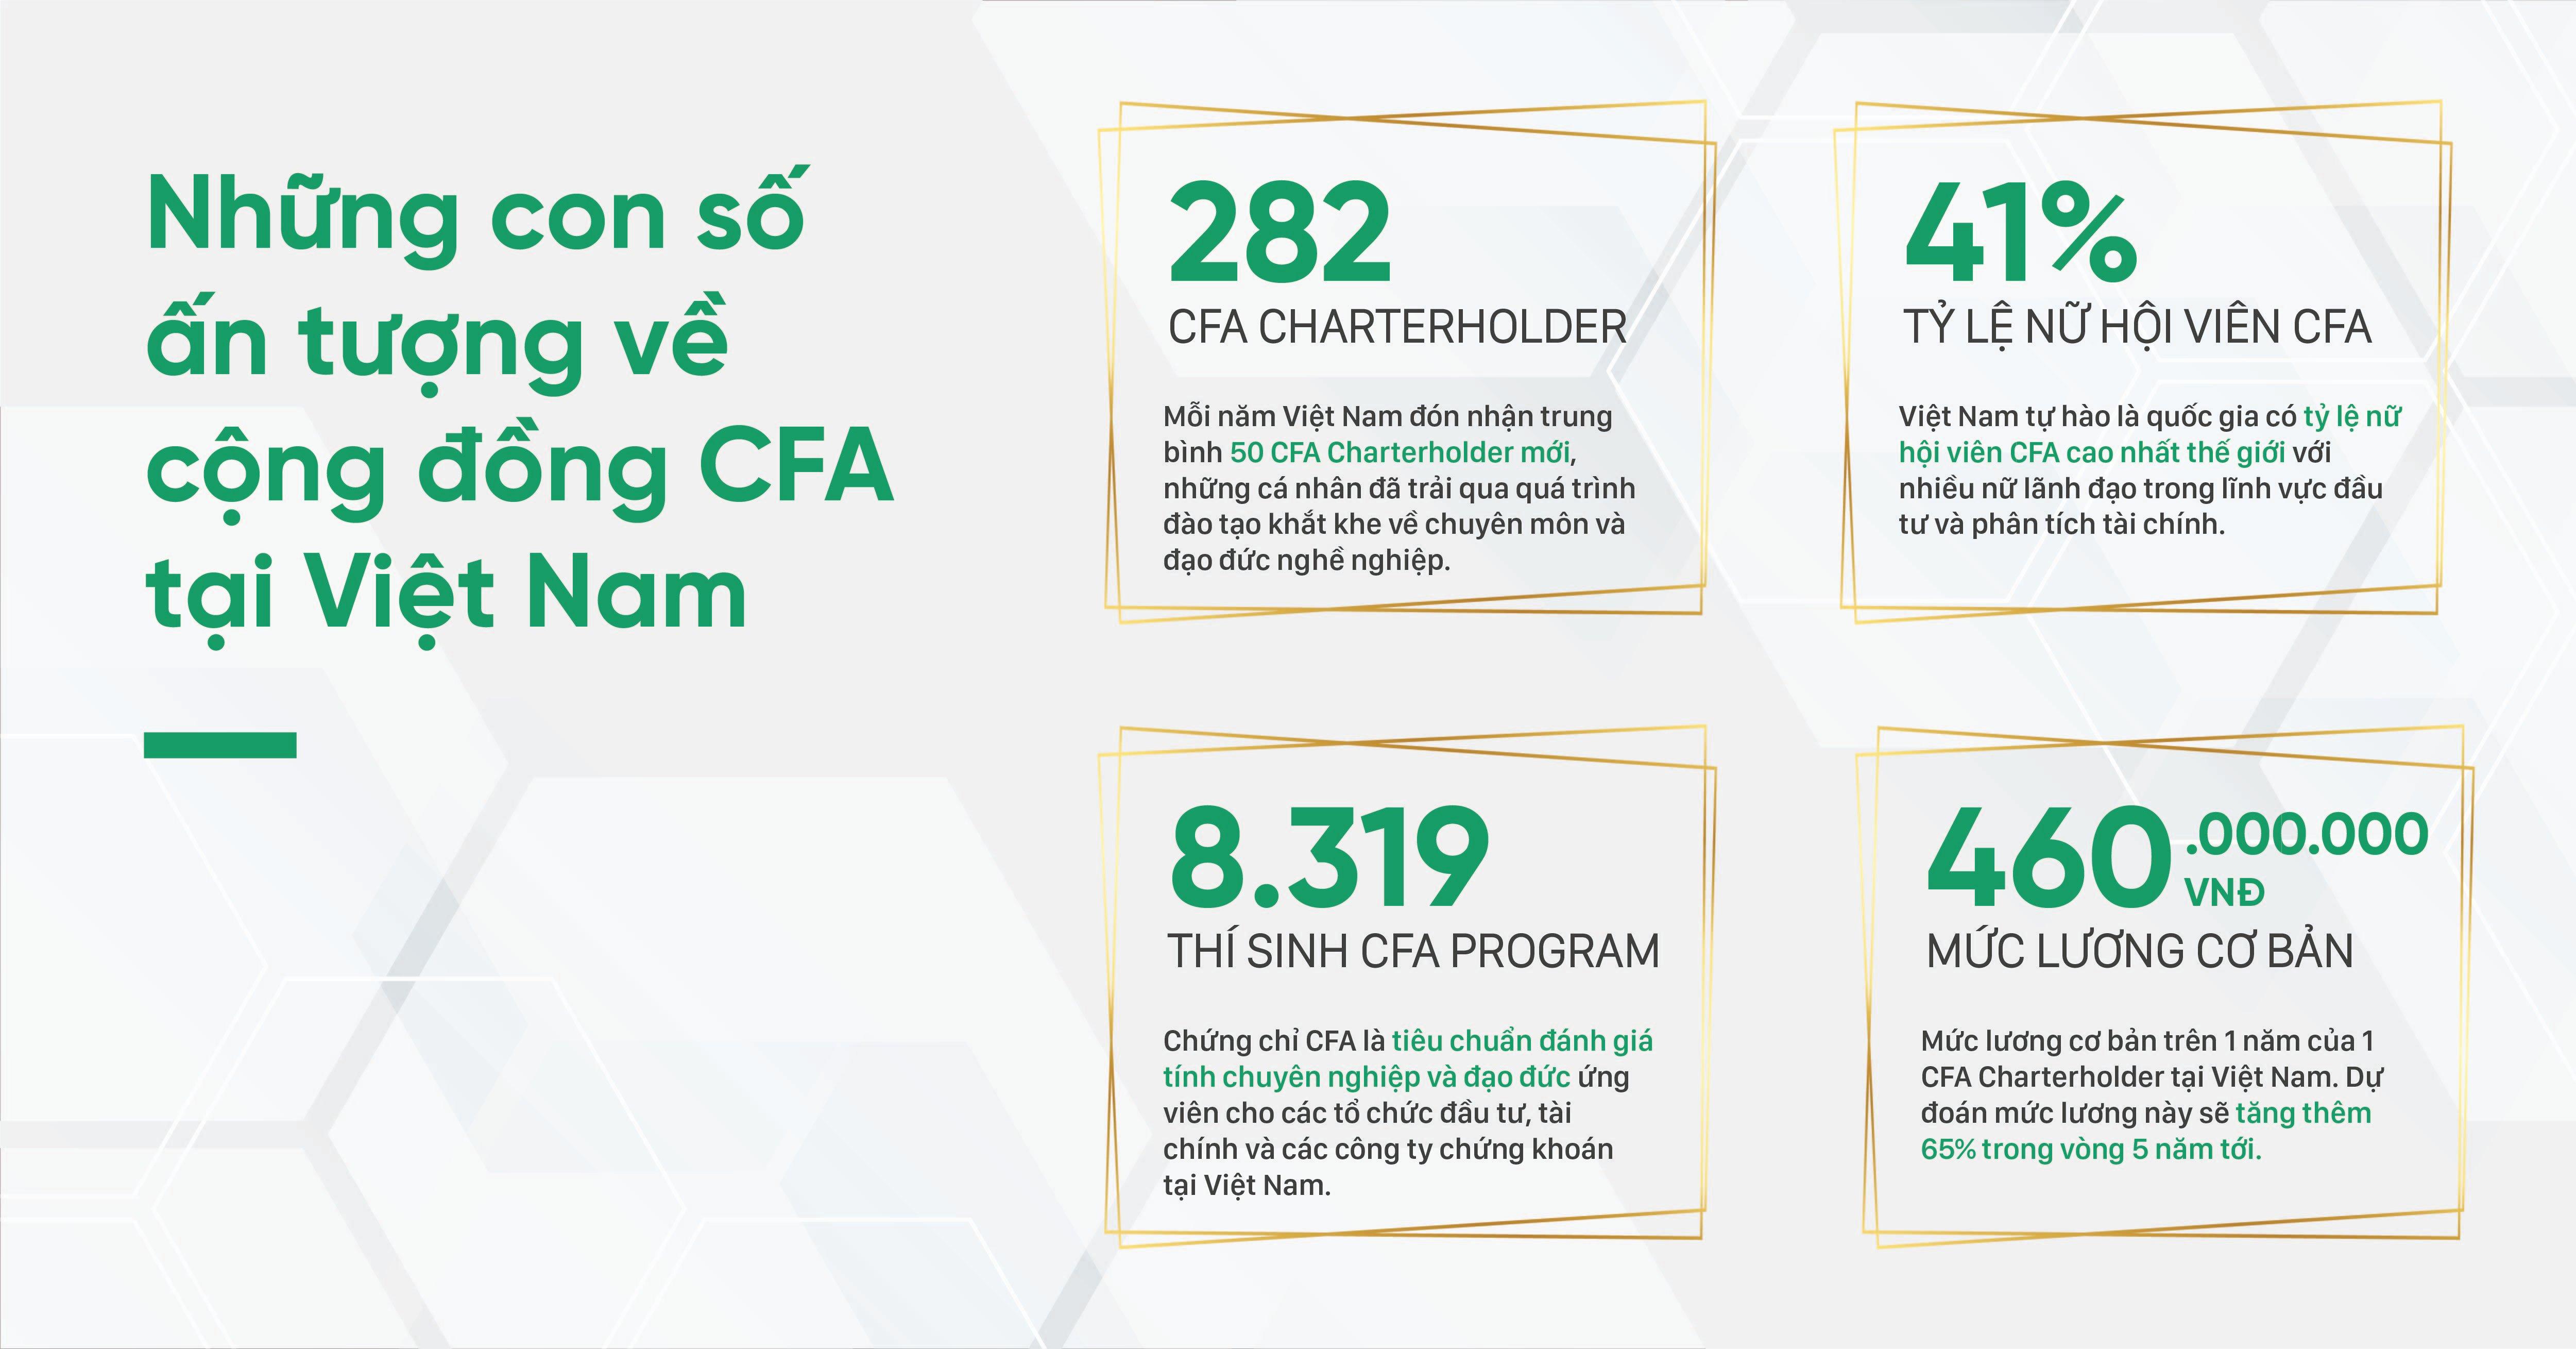 Ảnh 3: Những con số ấn tượng về cộng đồng CFA tại Việt Nam